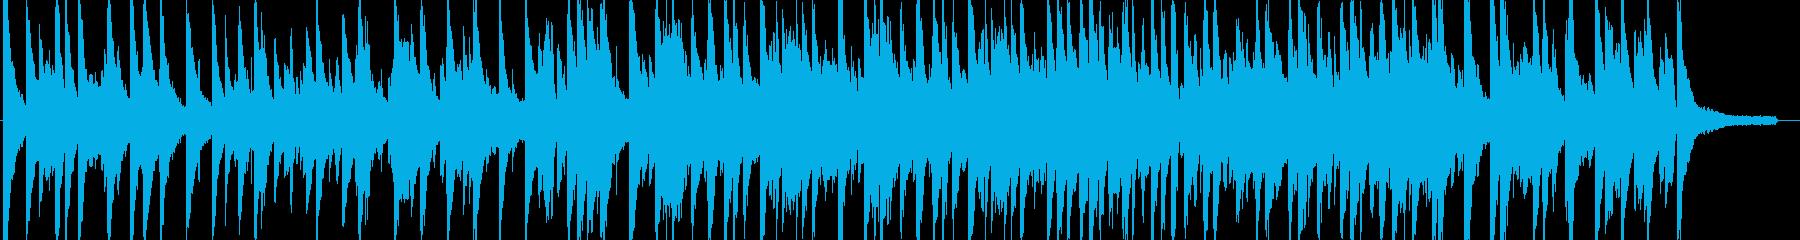 おしゃれ・ジャズ・映像・ナレーション用の再生済みの波形